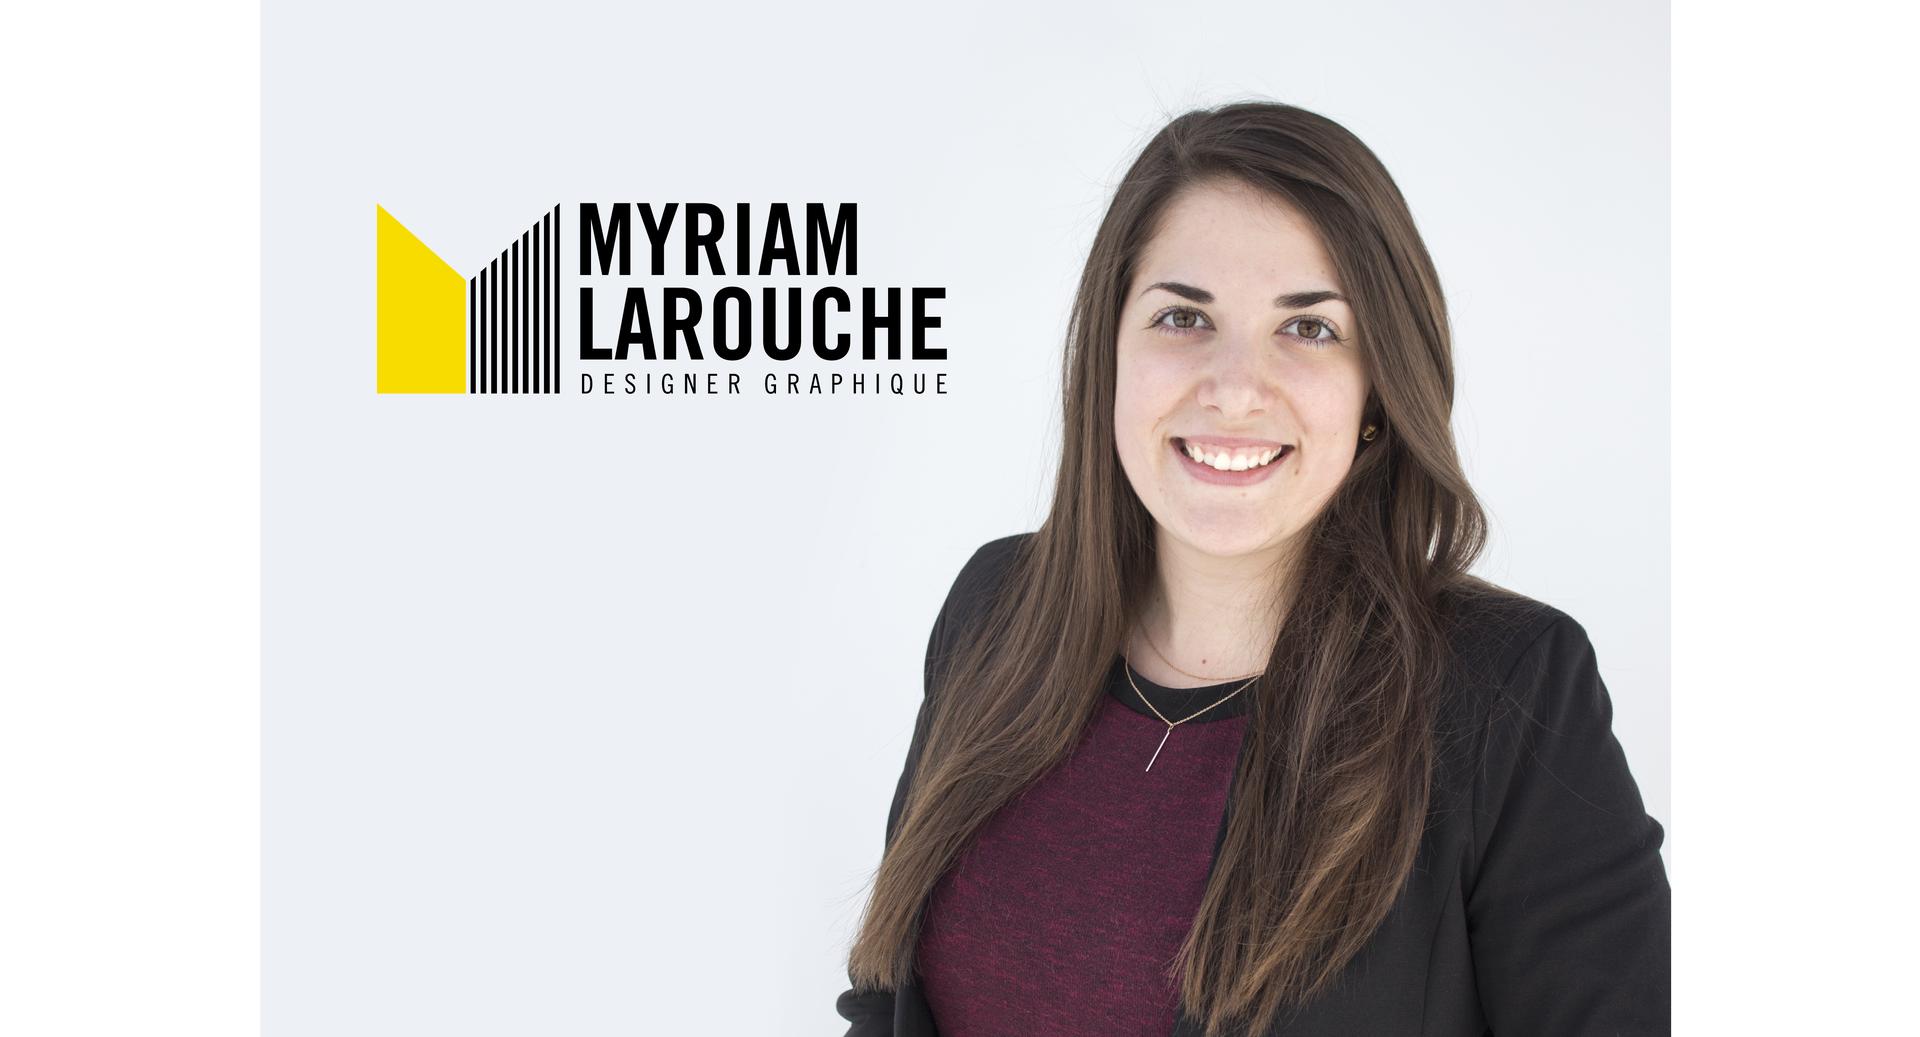 Myriam Larouche, designer graphique